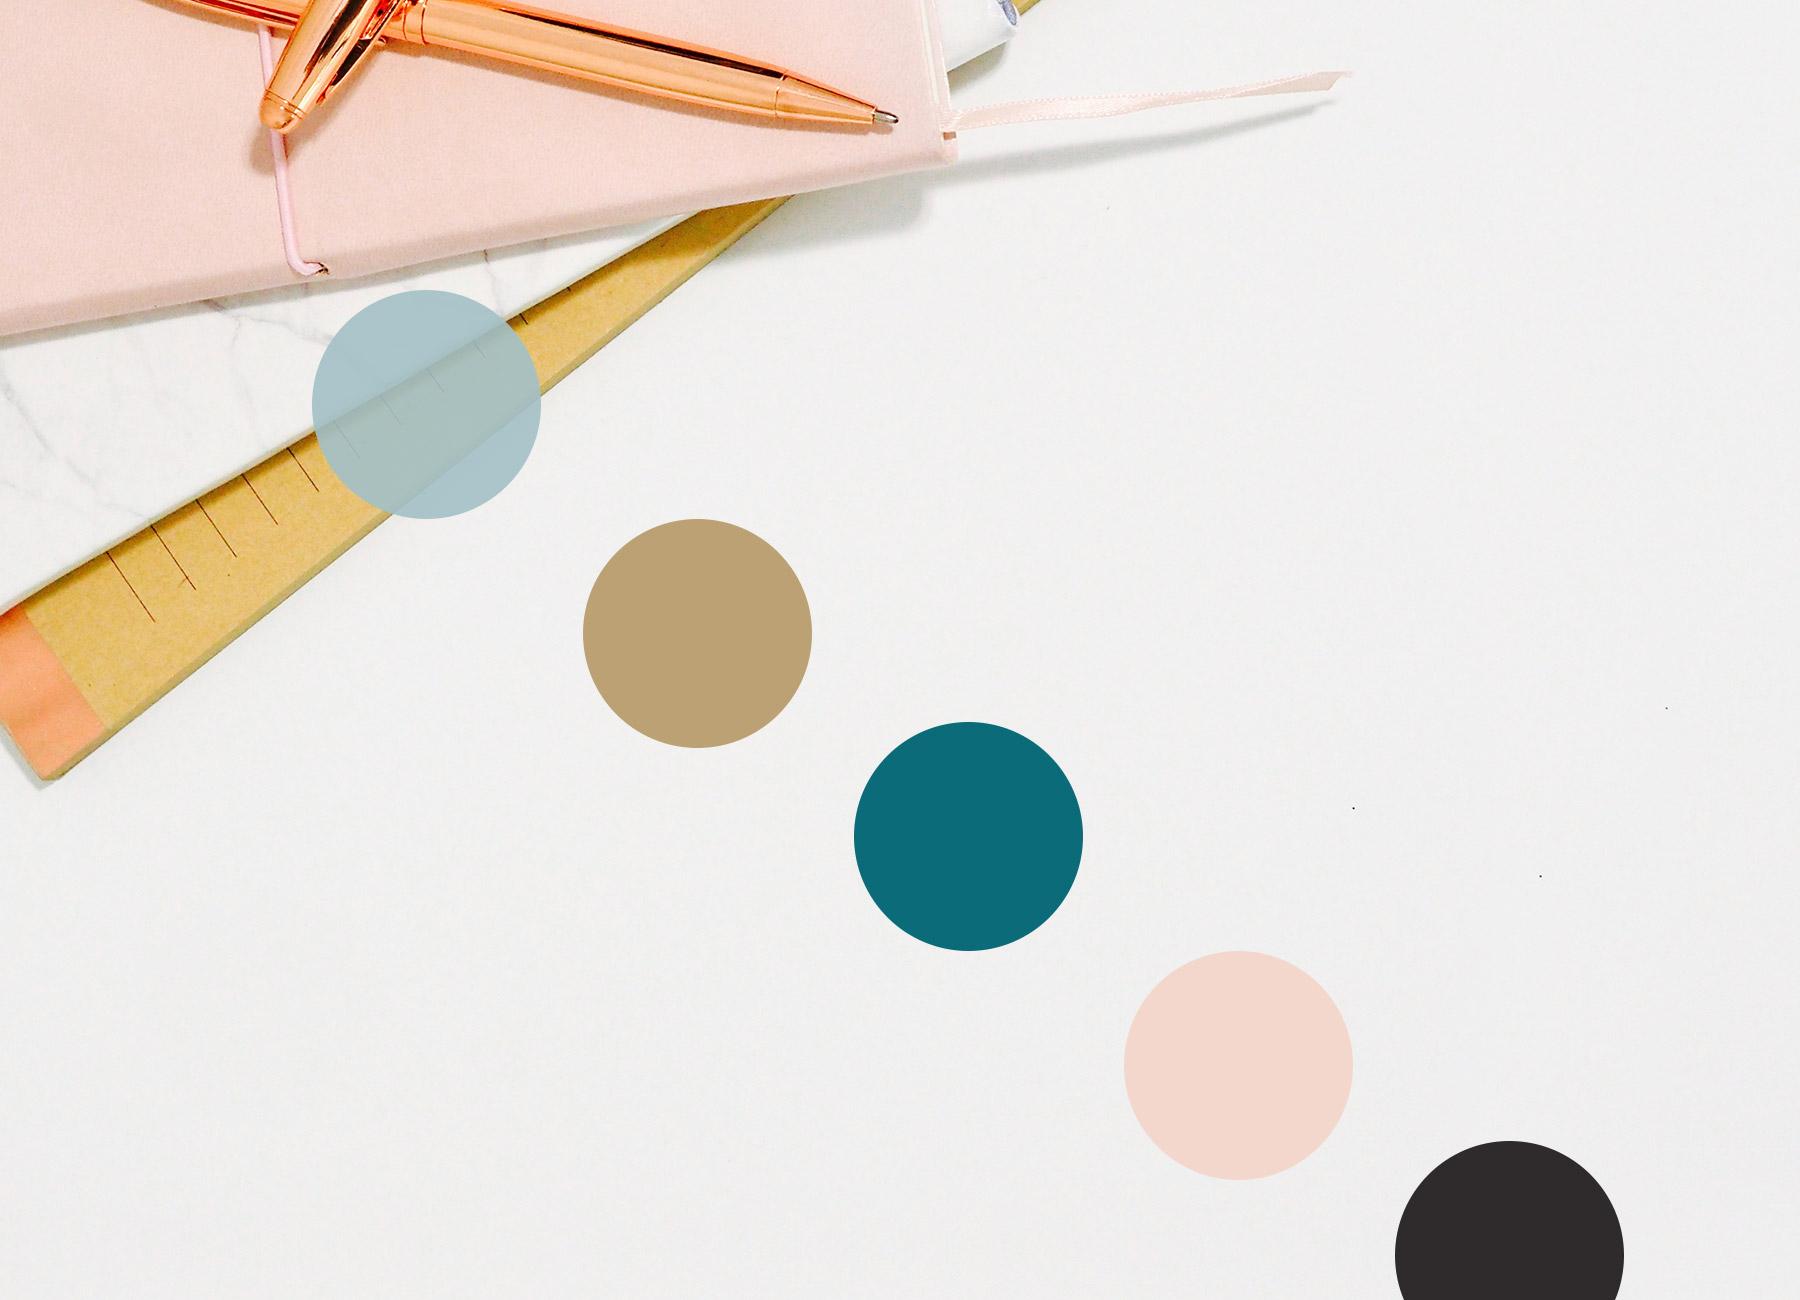 delgado-law-color-palette-courtney-oliver-freelance-designer.jpg